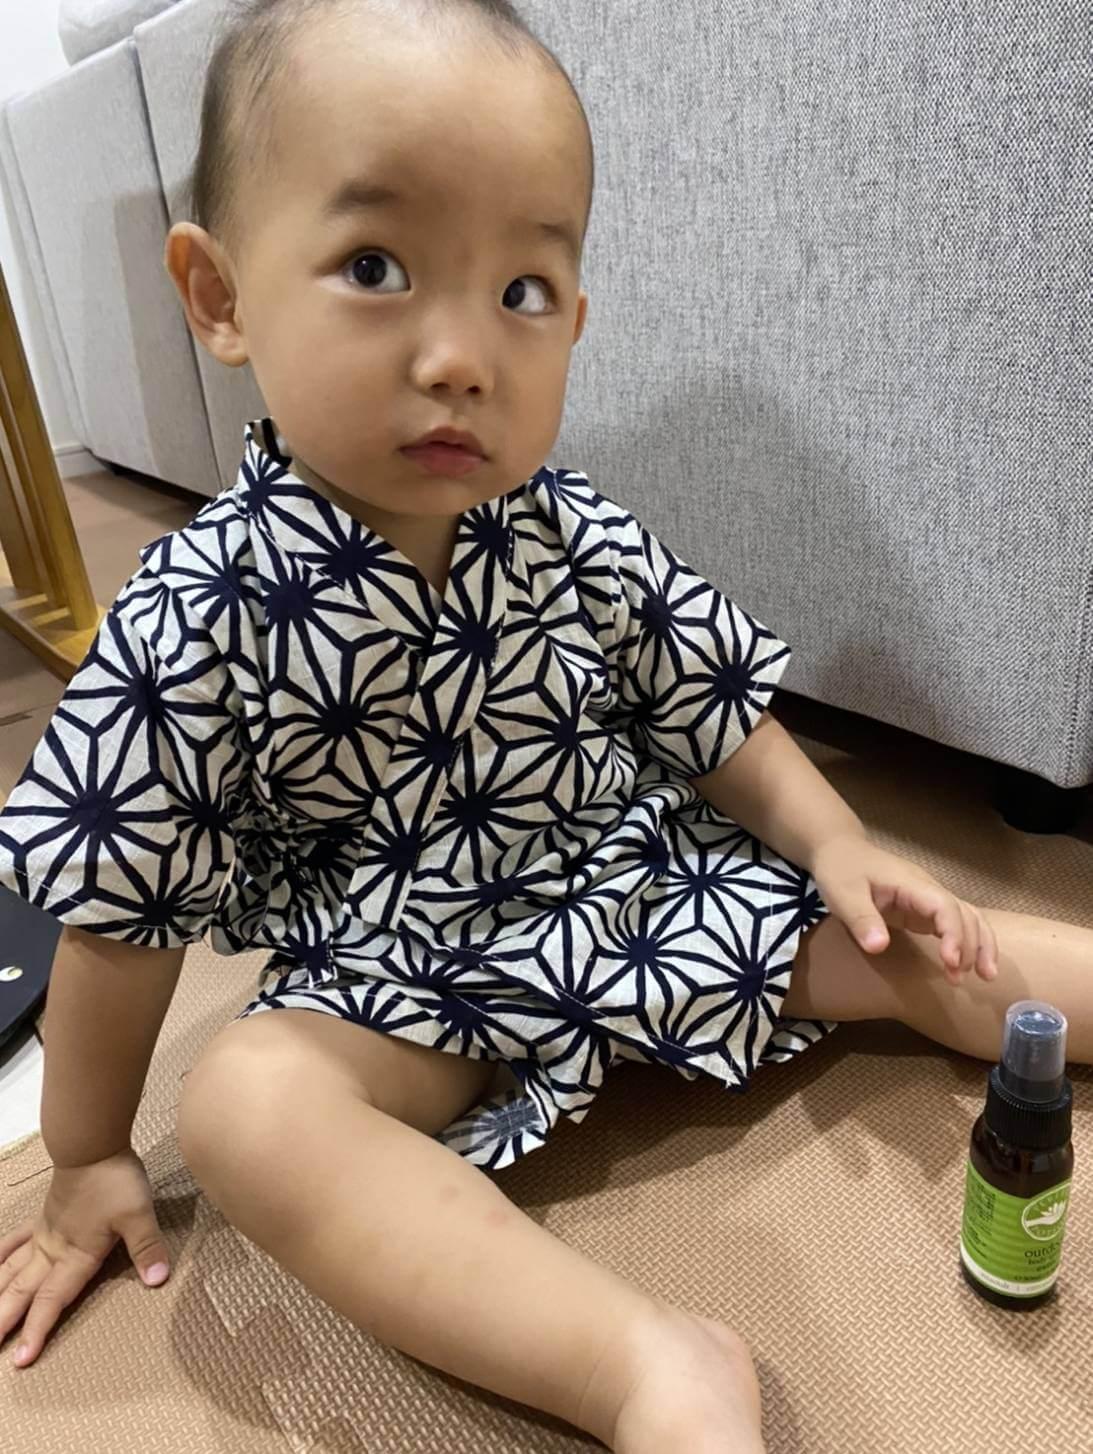 凪<span>/ B-TOKYO</span>